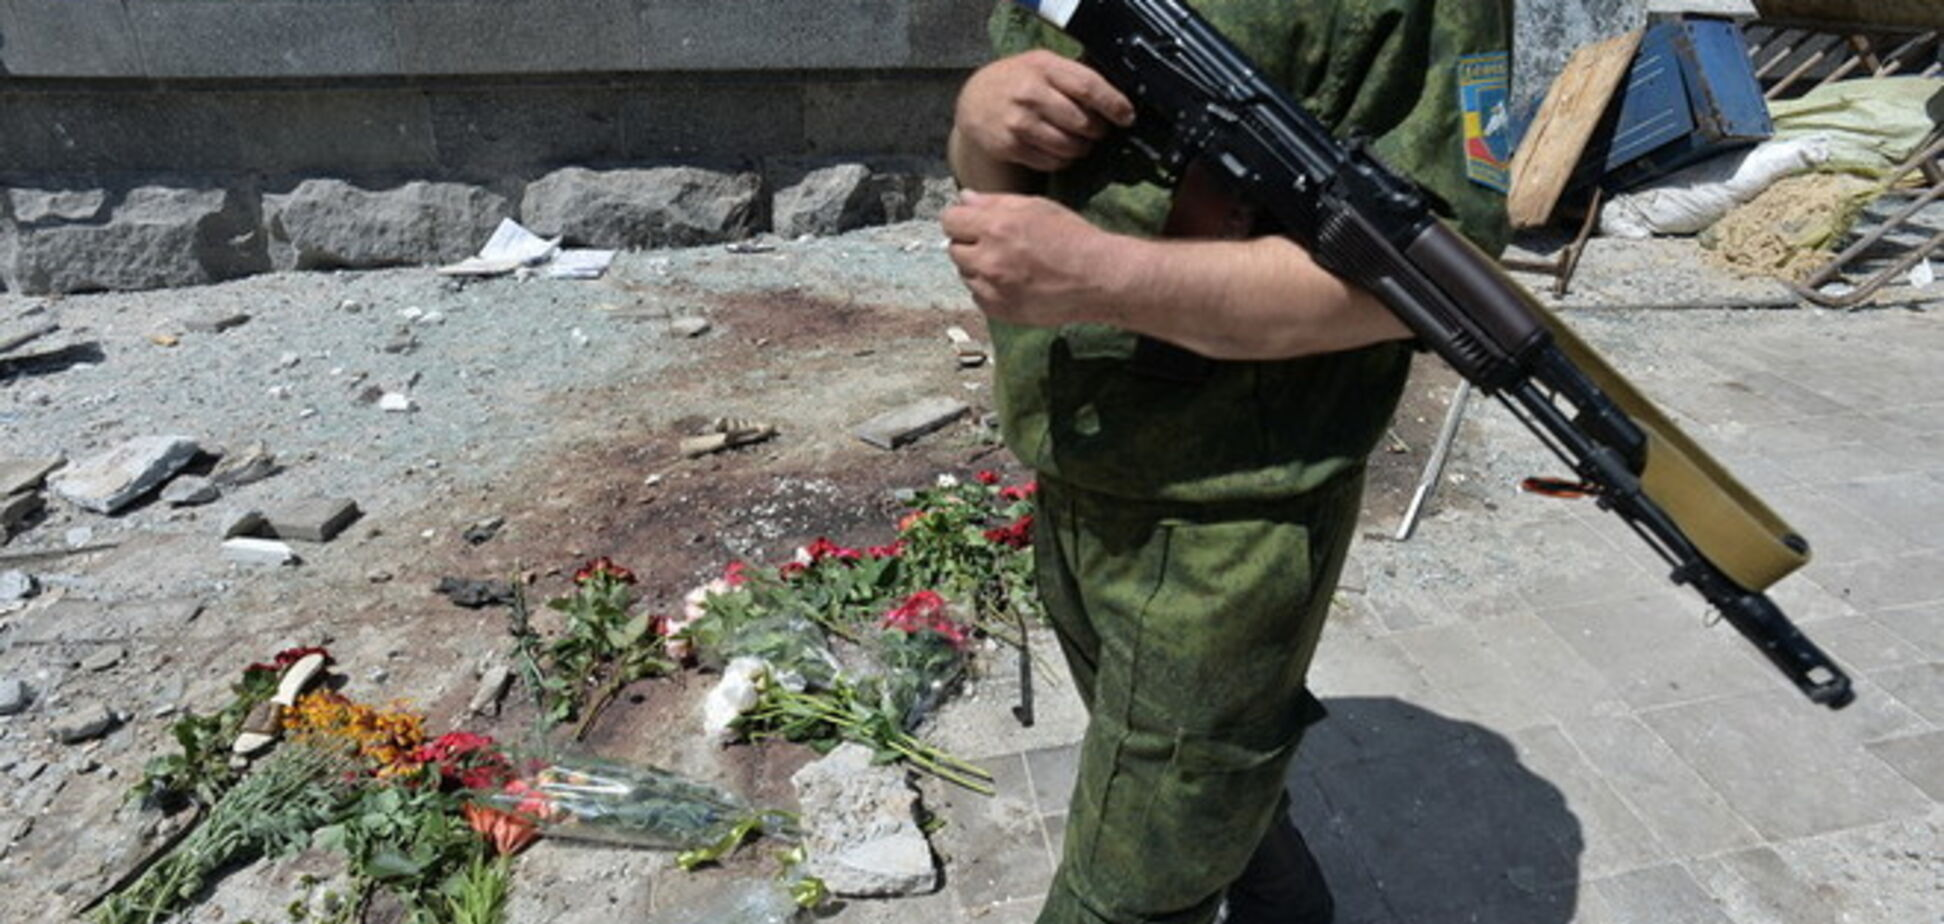 Трагедія 'Айдара' під Луганськом: Міноборони звинувачує бійців в неузгодженому штурмі